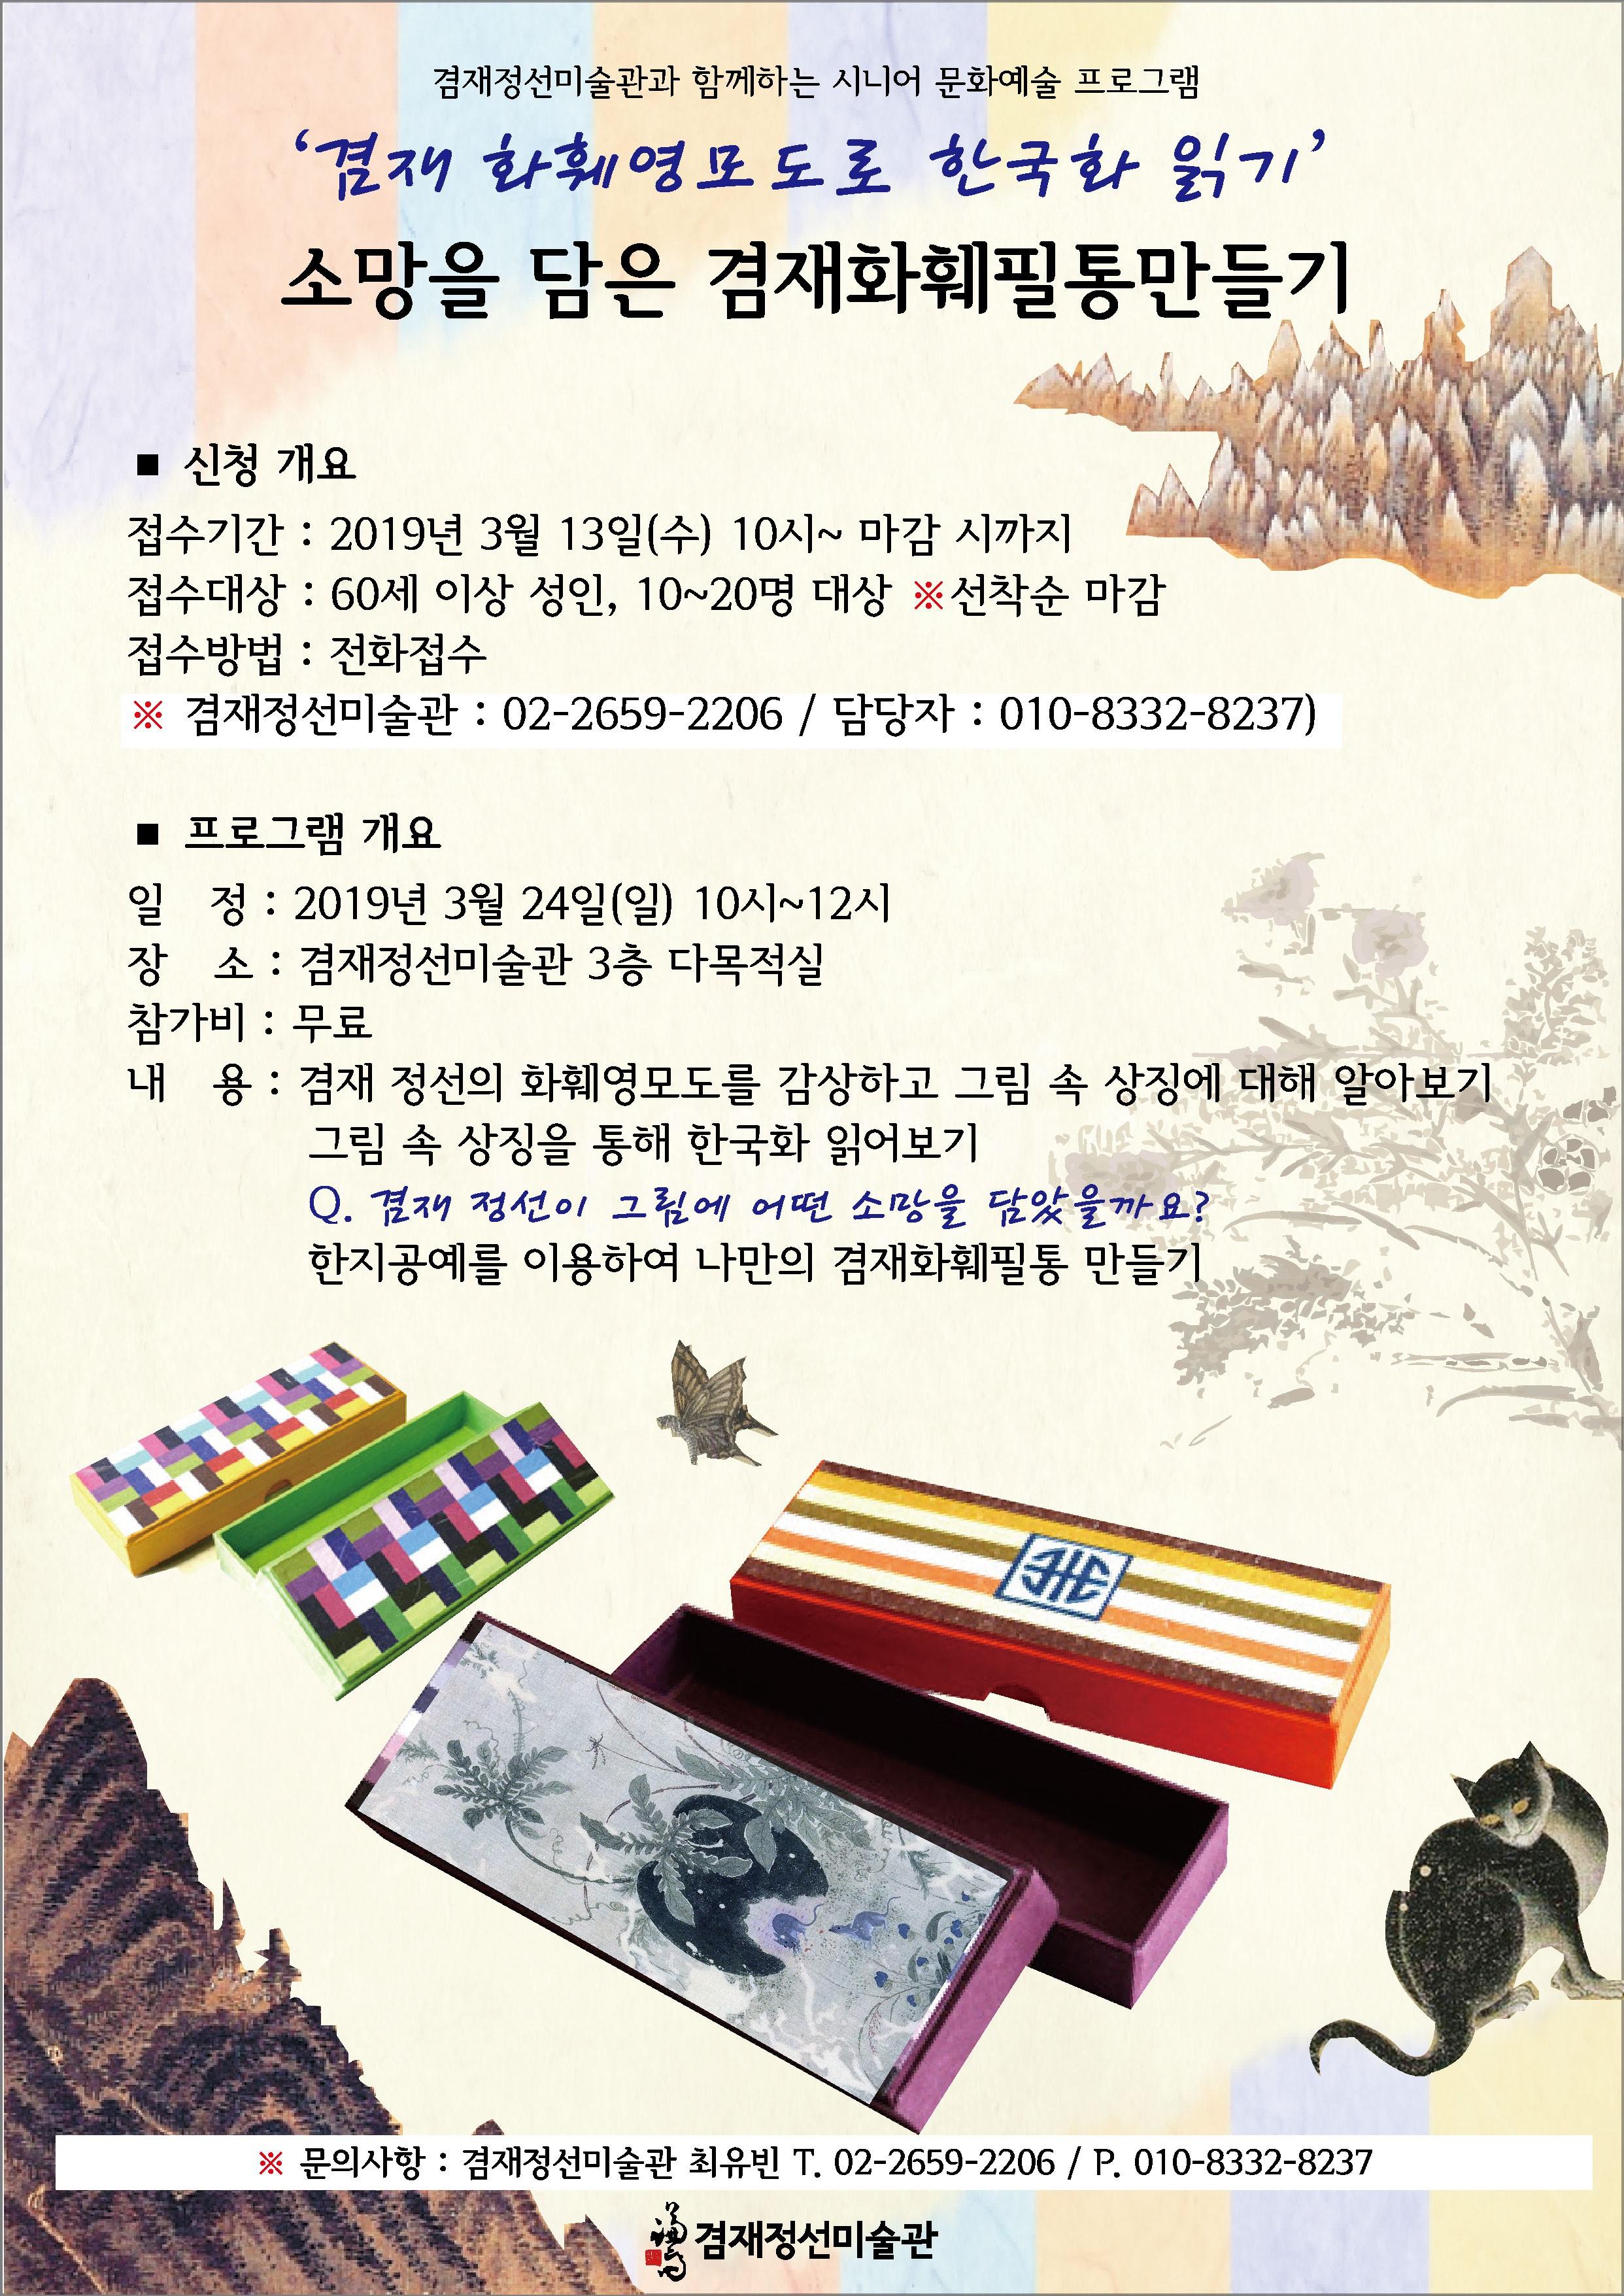 [교육]시니어 문화예술 프로그램  '겸재화훼영모도로 한국화 읽기' 안내, 자세한 내용은 첨부파일을 확인해주세요.